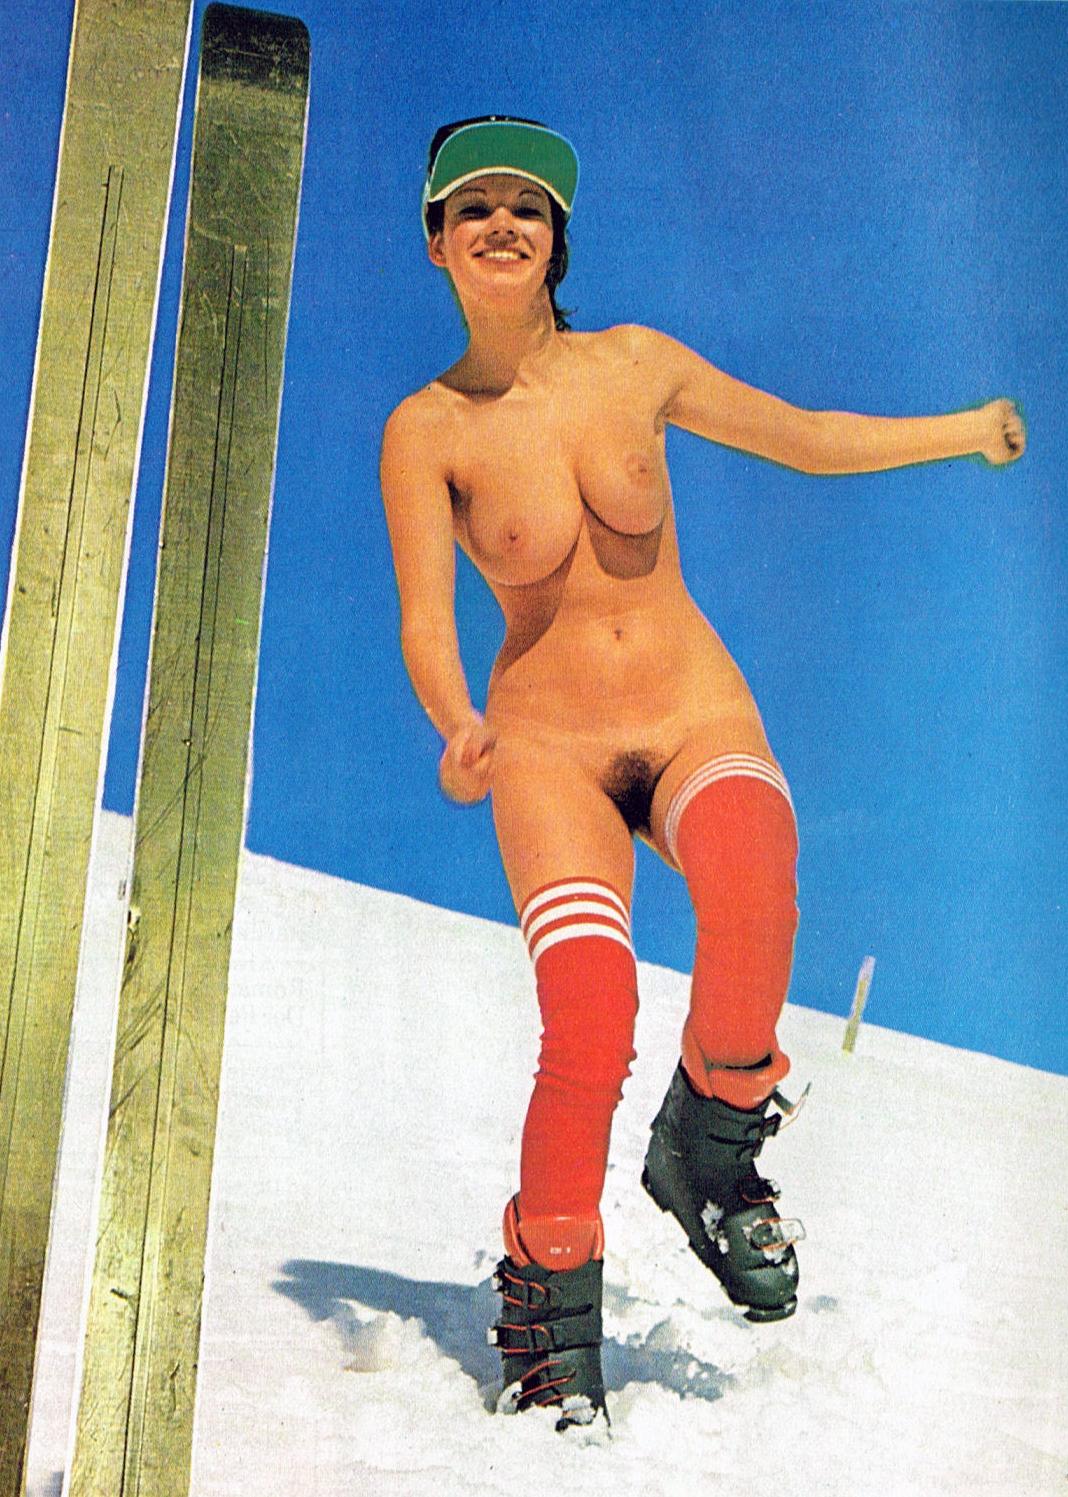 02 Brigitte Lahaie - texasboobdepository.jpg